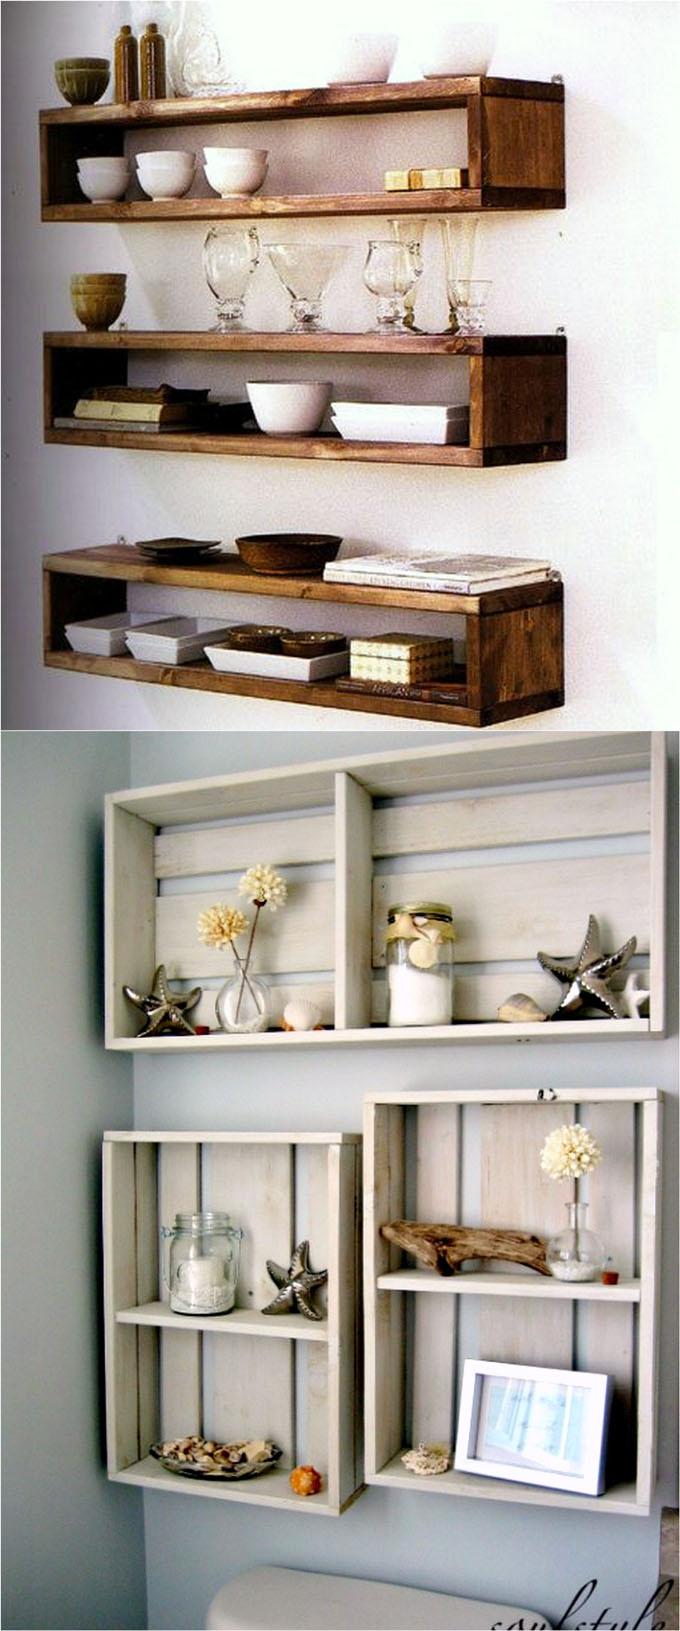 Fullsize Of Hanging Shelves Ideas